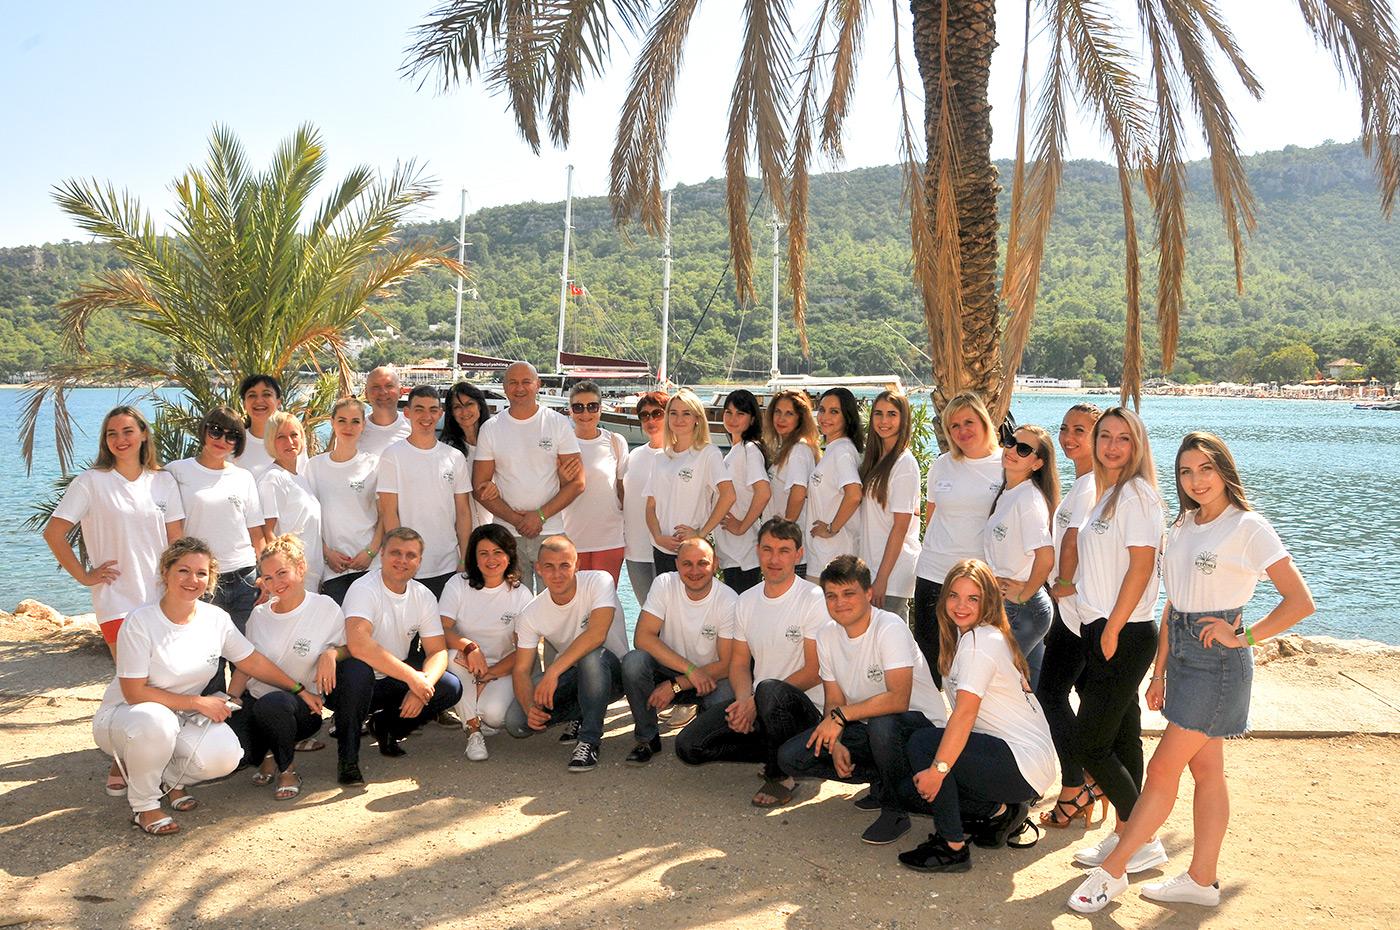 Компания Нутримед - команда молодых, успешных профессионалов, объединенных общей целью